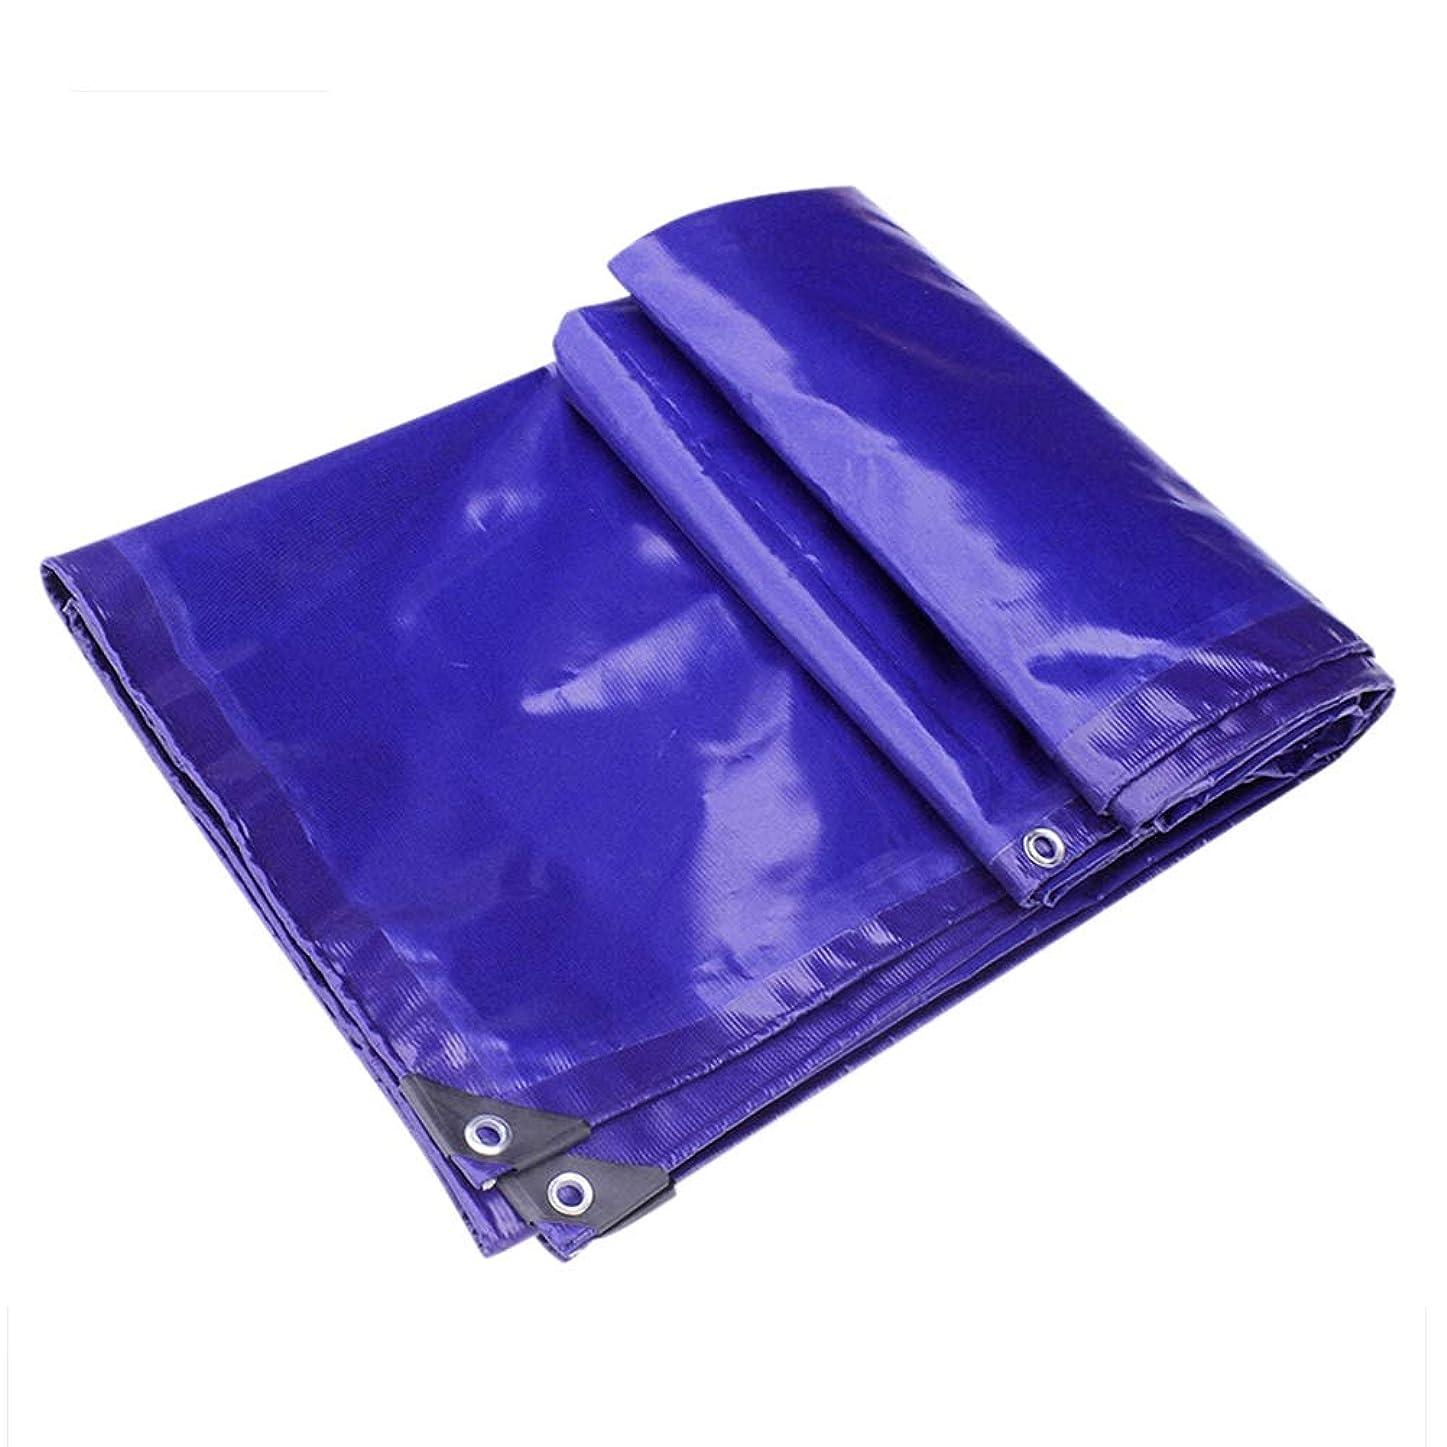 白菜側溝騙すXSDAA な防水ターポリン レインプルーフ 三反布 ポンチョ 日焼け止め 断熱する ヘビーデューティタープ PVC 車 ボート 防水布 キャンプする、 8サイズ (Color : Blue, Size : 2.8x5.8m)